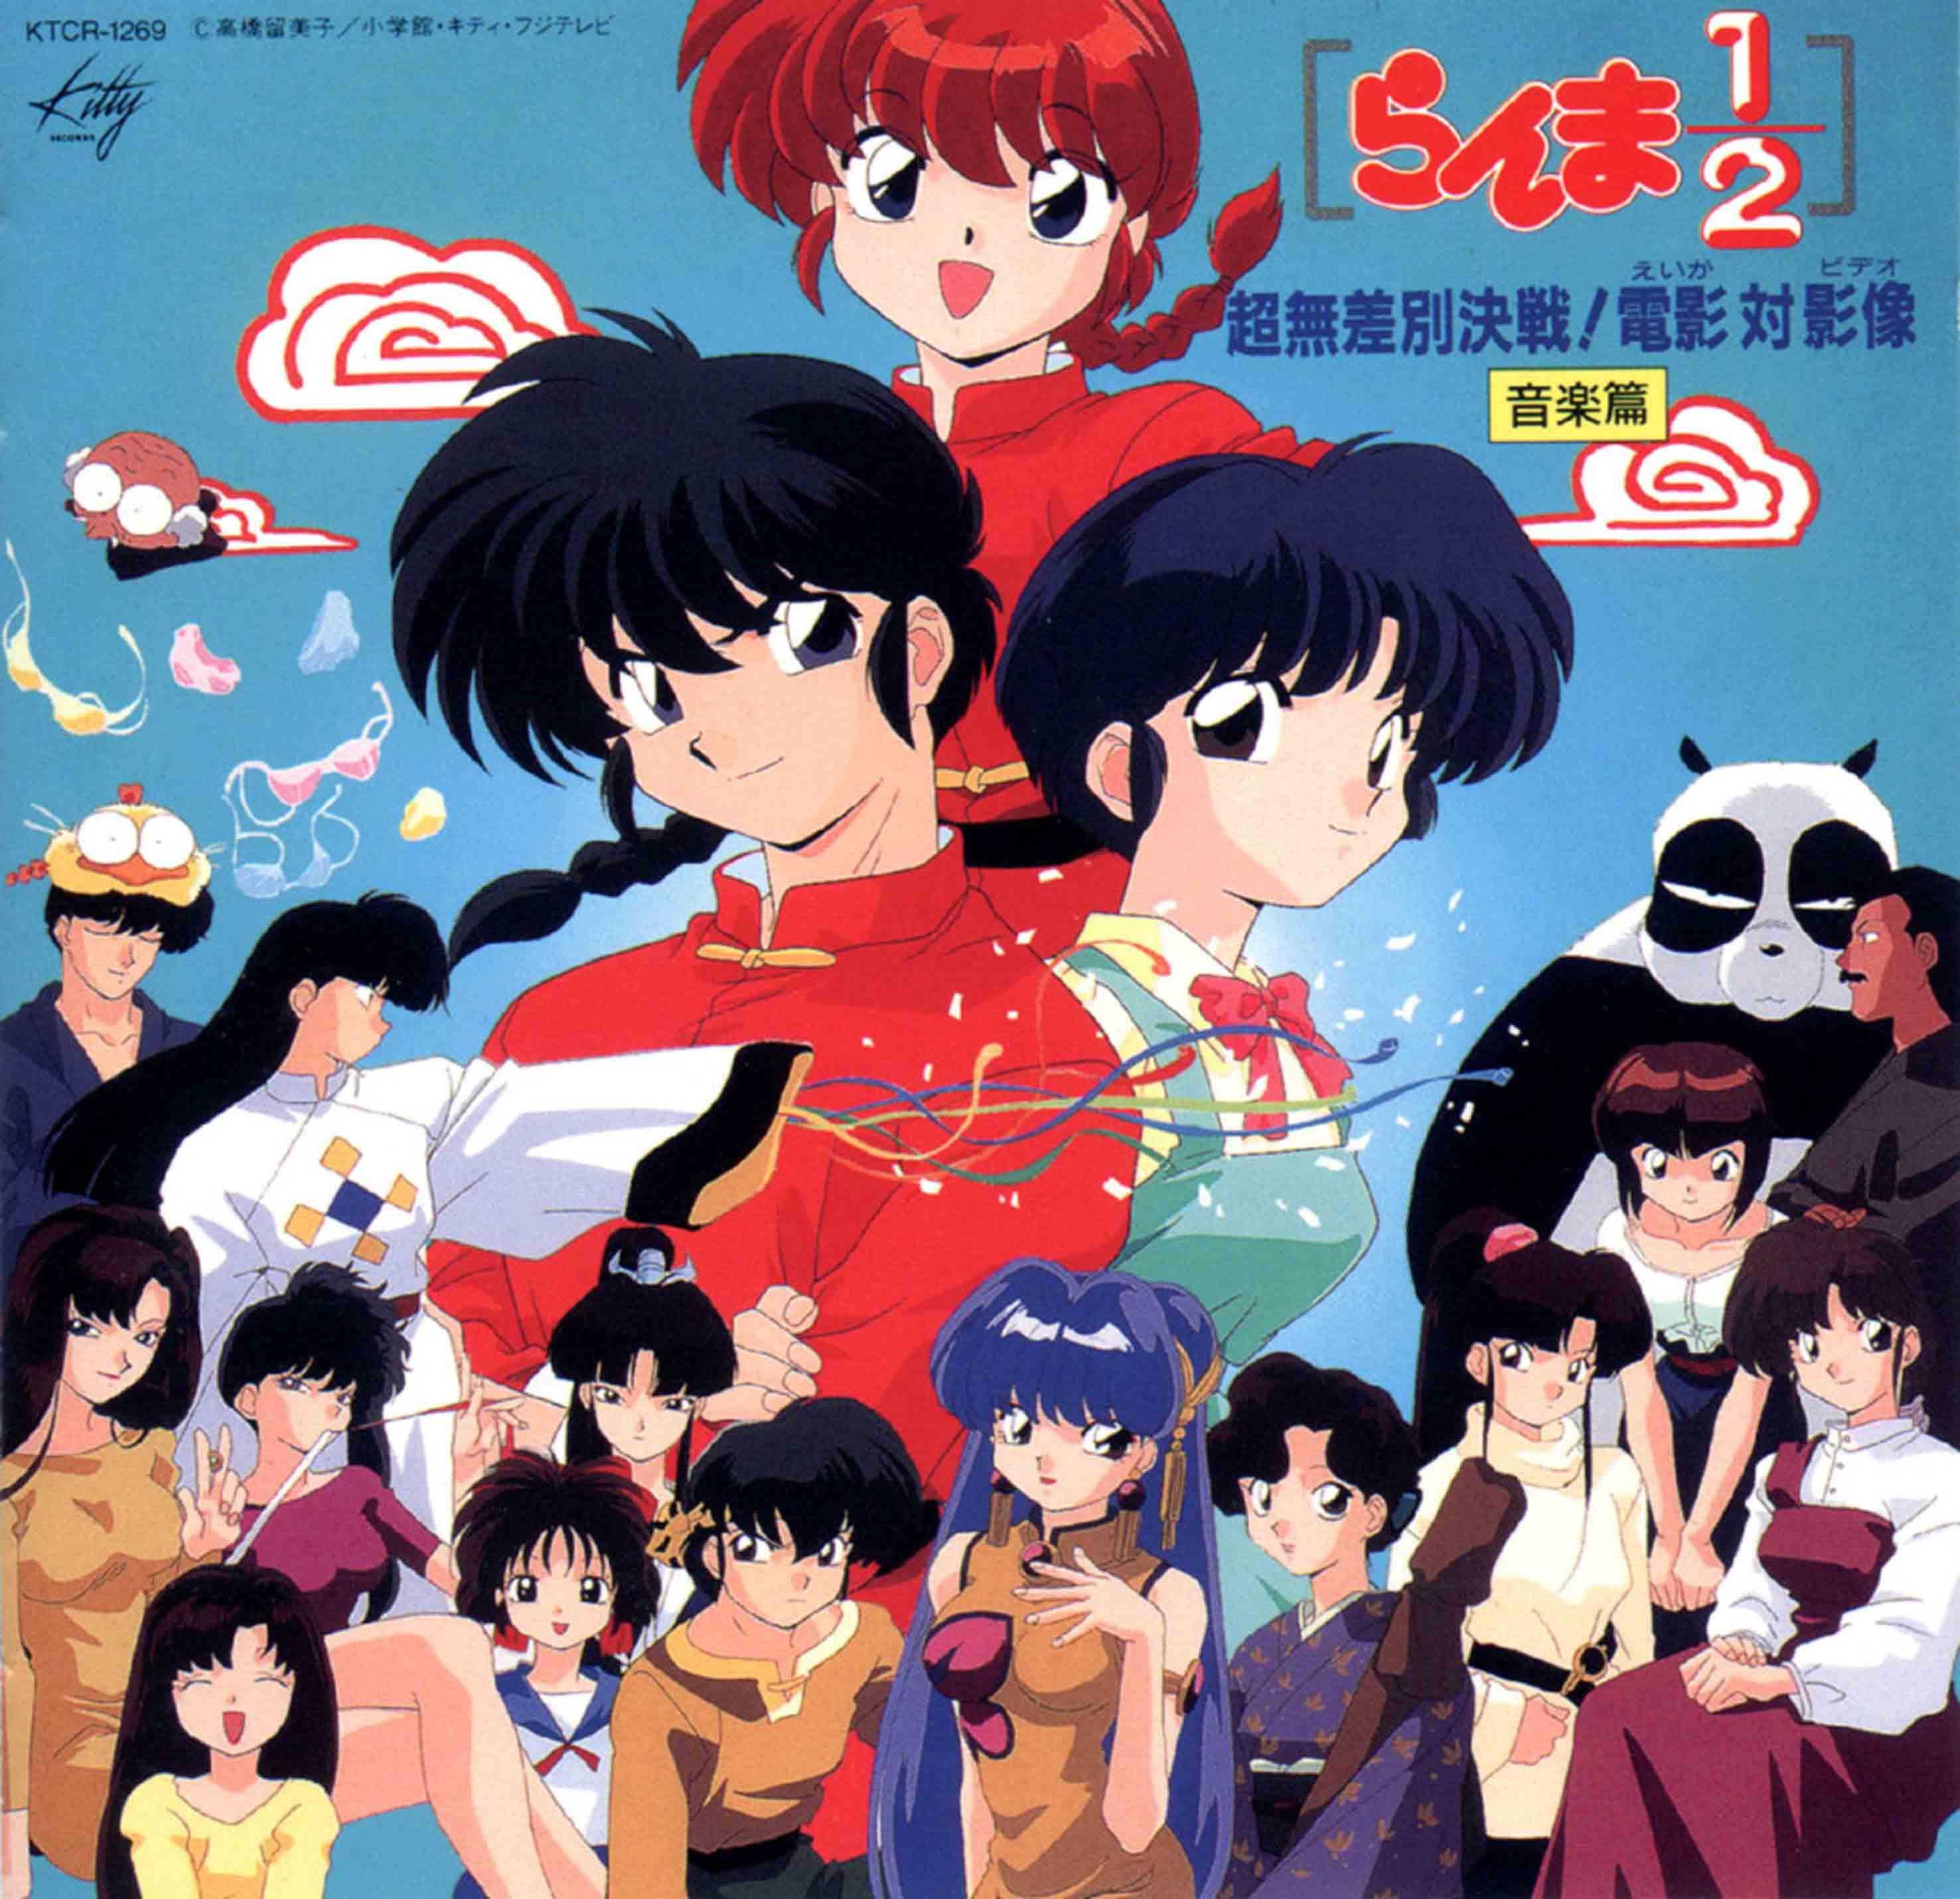 """Portada de la caricatura """"Ranma ½"""", que muestra a todos los personajes de la misma."""